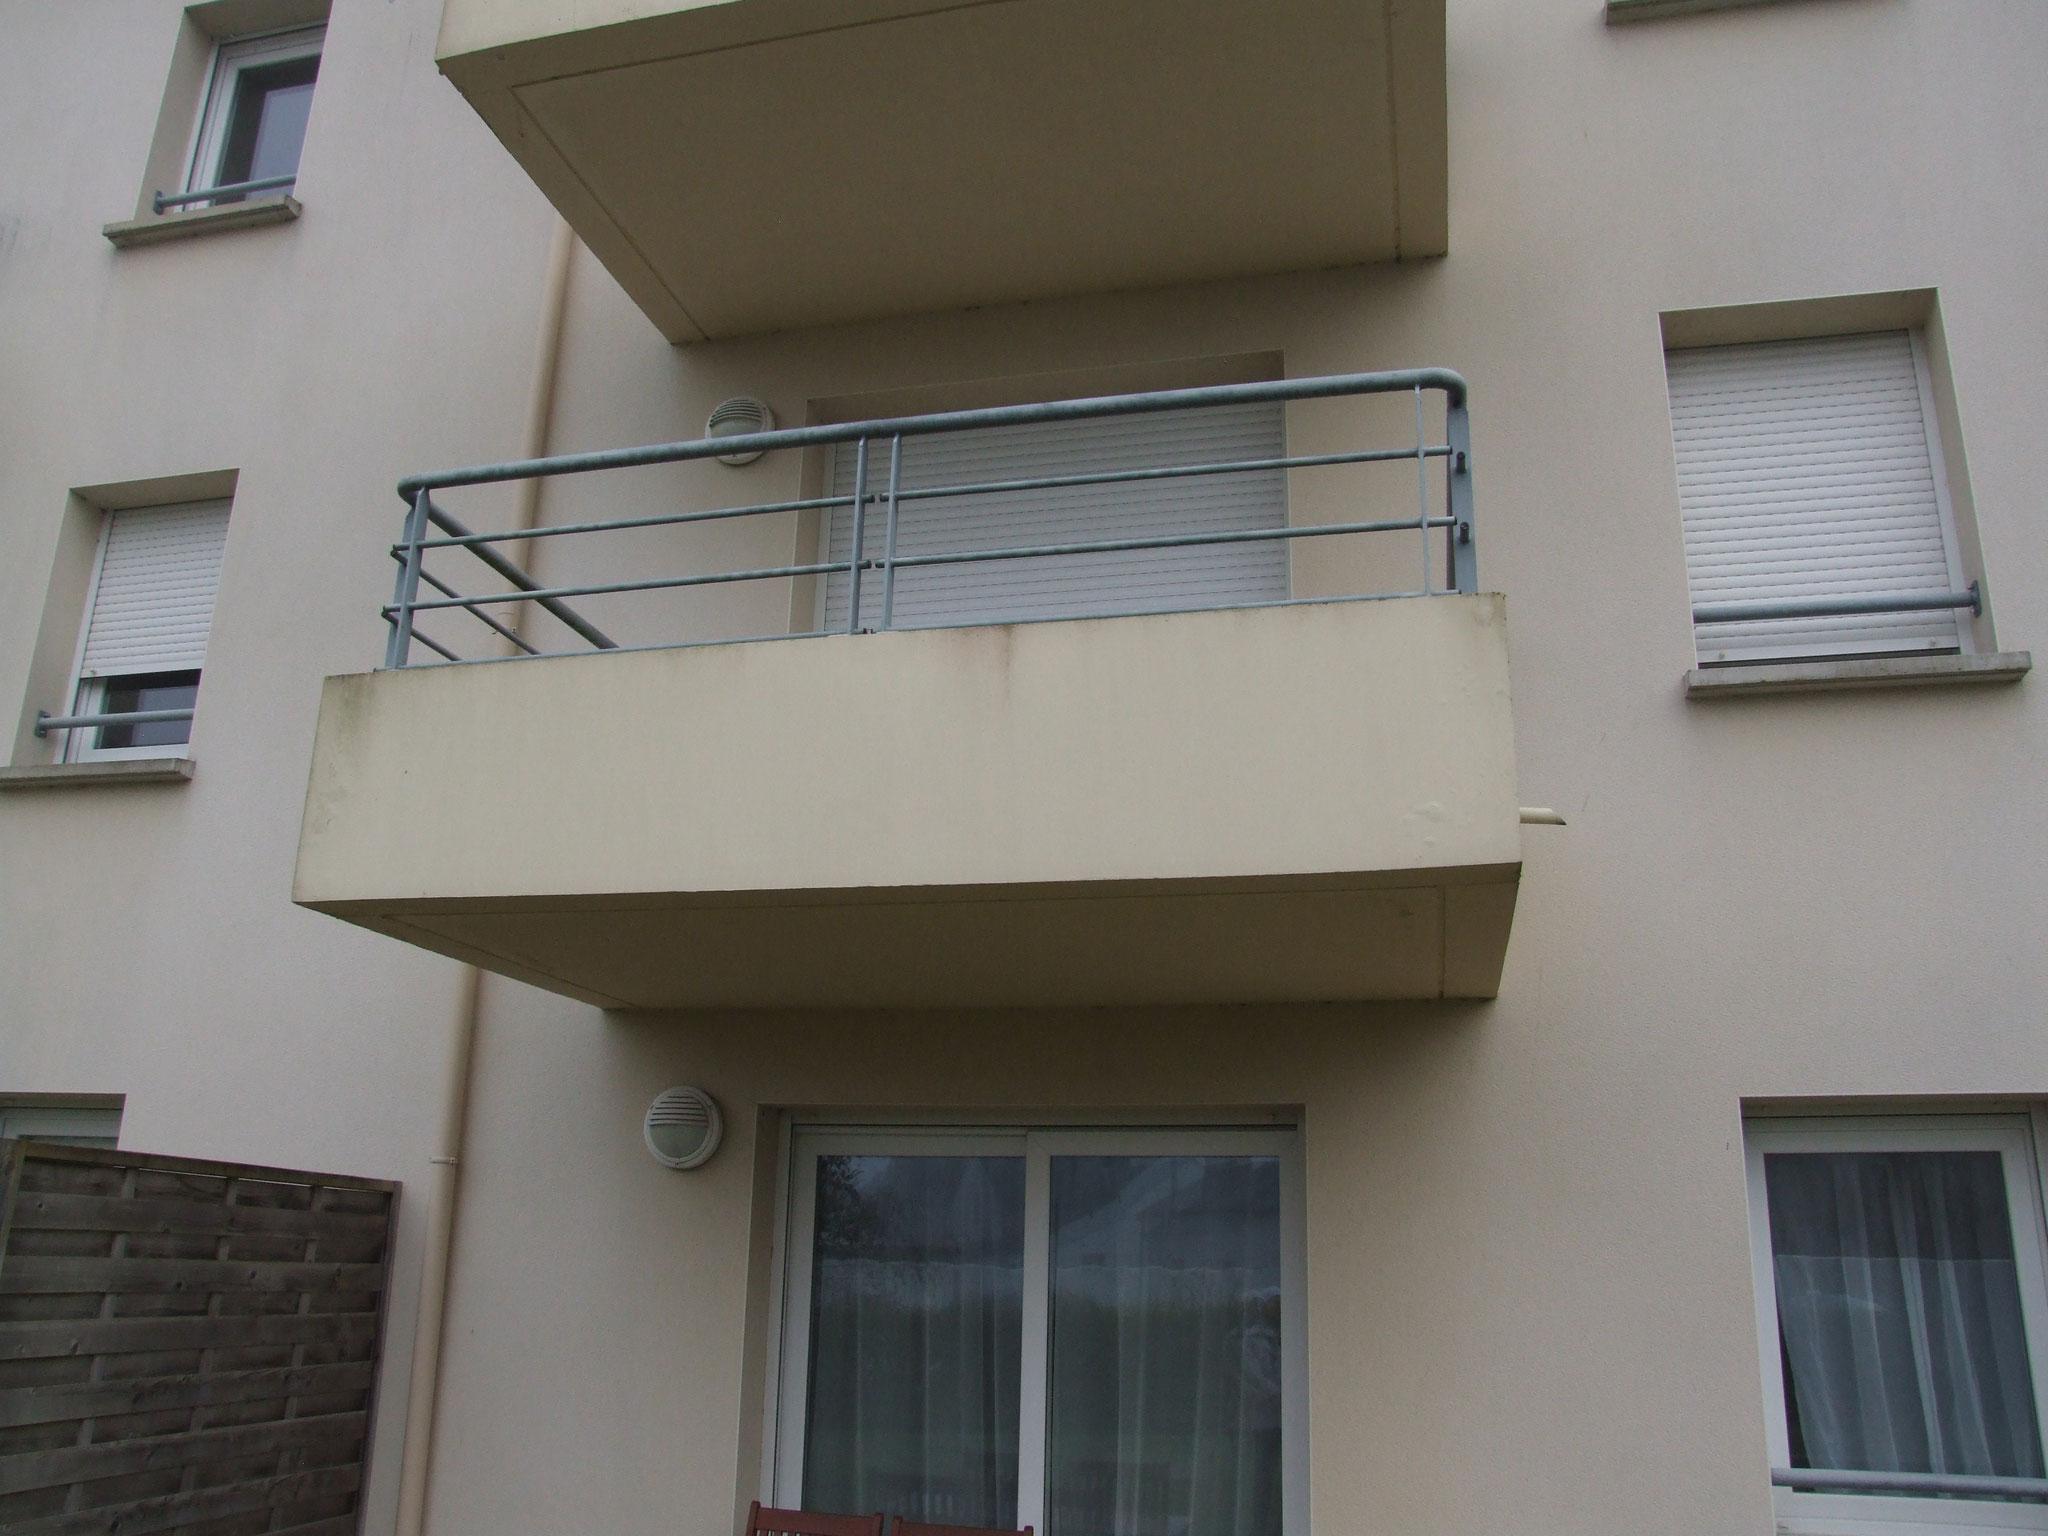 Immeuble d'appartements de ville : expertise sur balcons béton armé